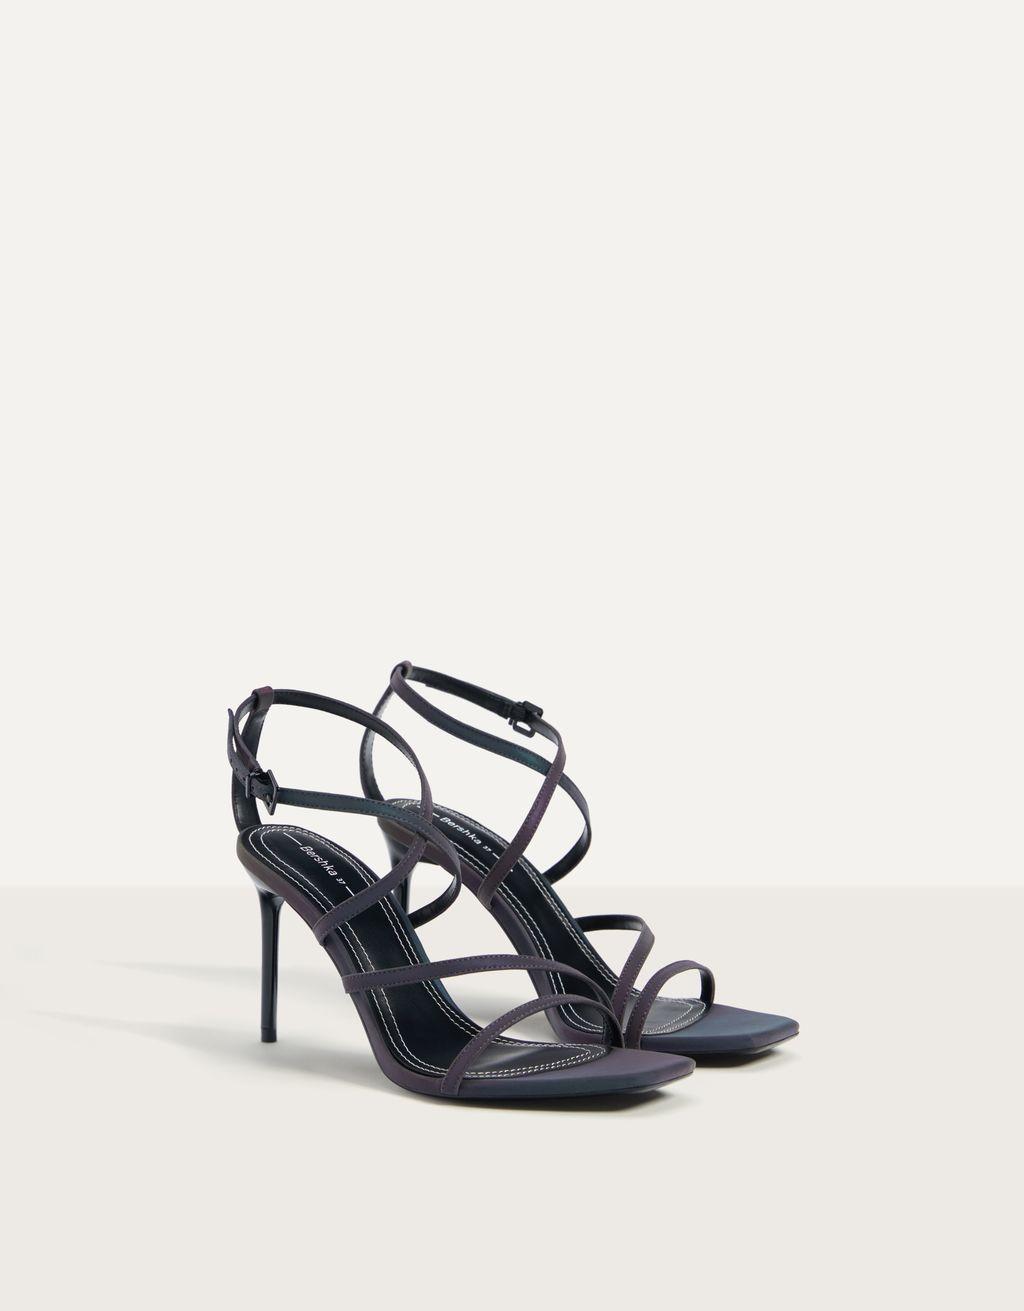 Embossed metallic high-heel sandals